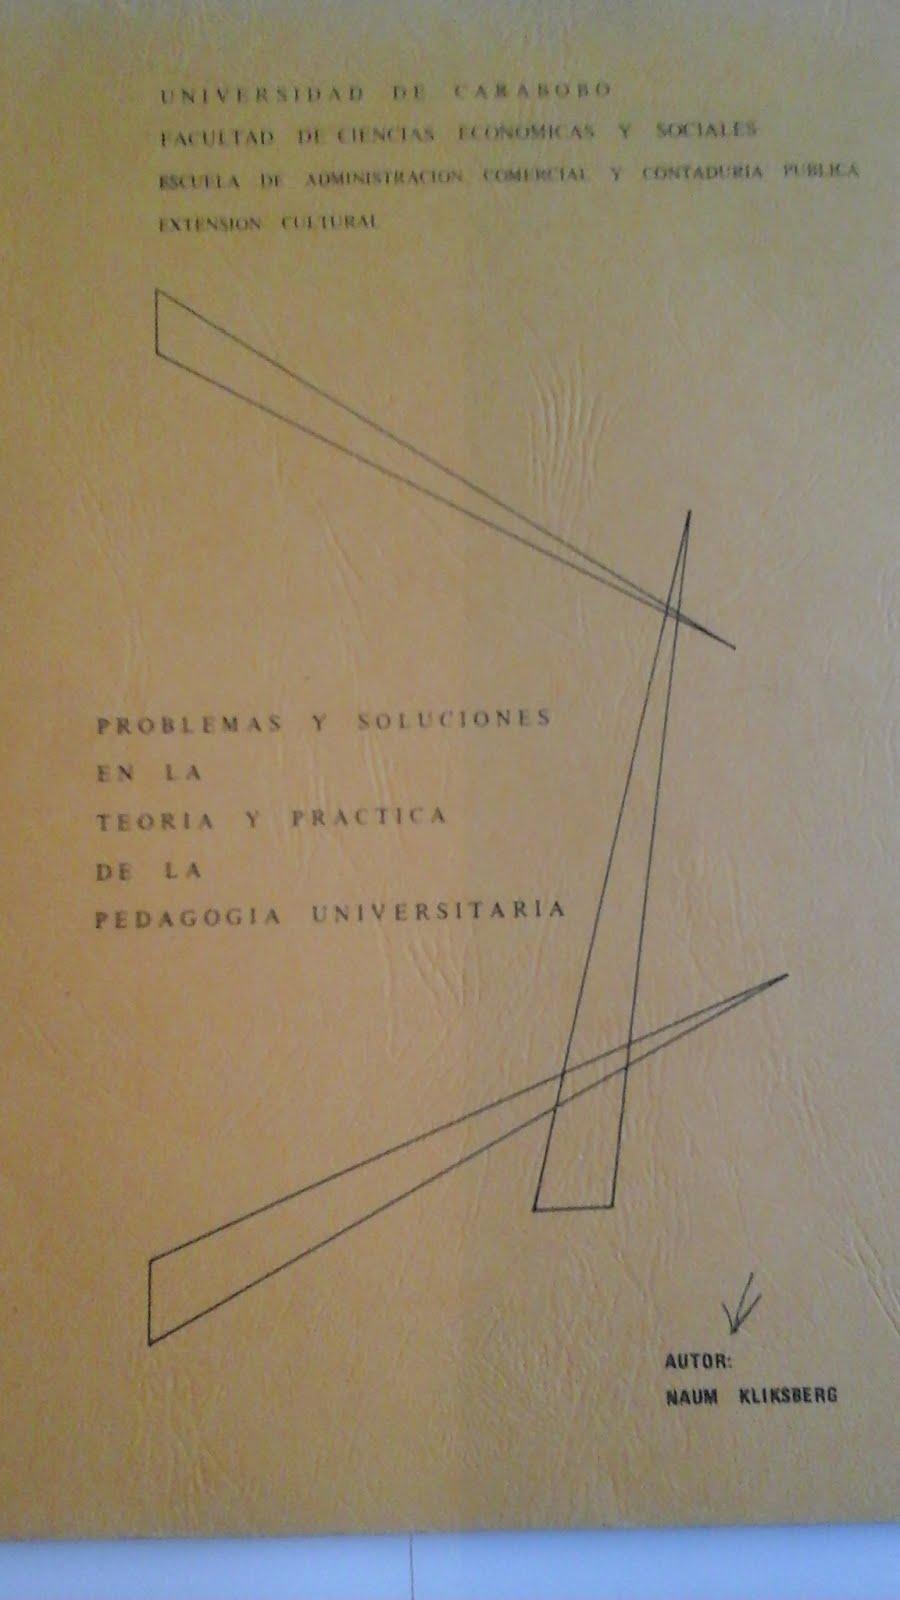 22 - Texto de Naum Kliksberg publicado por la Universidad de Carabobo, Venezuela, 2/1978.